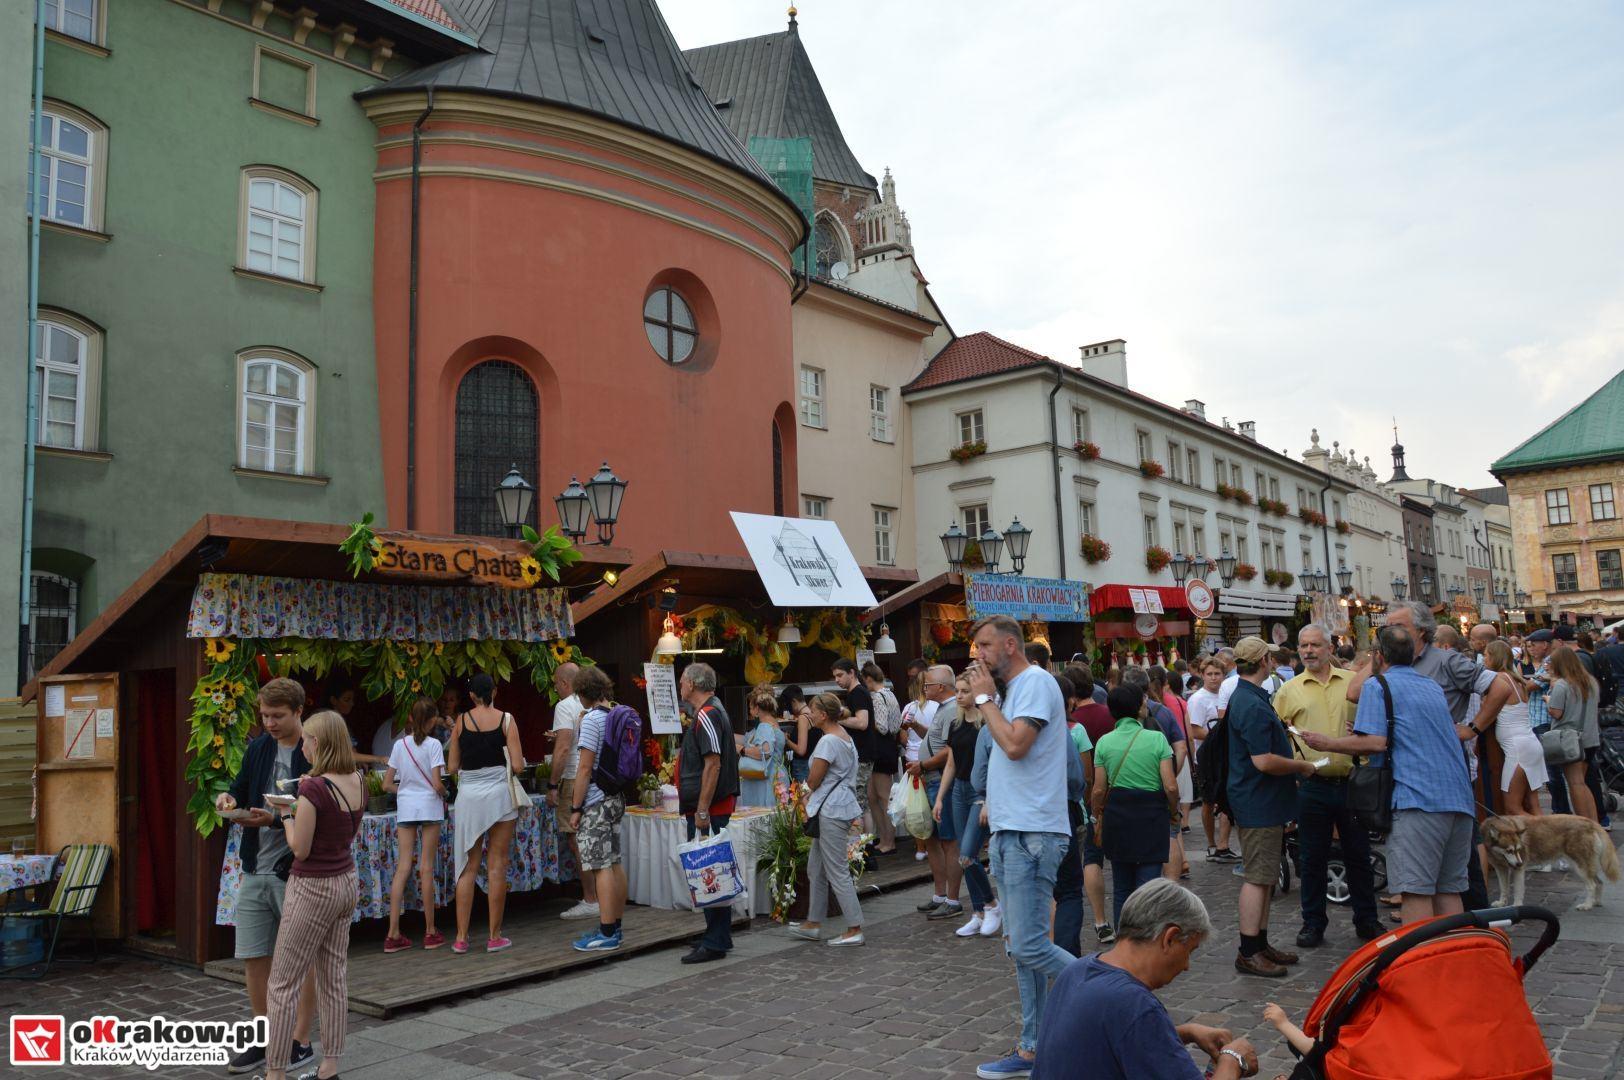 krakow festiwal pierogow maly rynek koncert cheap tobacco 3 150x150 - Galeria zdjęć Festiwal Pierogów Kraków 2018 + zdjęcia z koncertu Cheap Tobacco